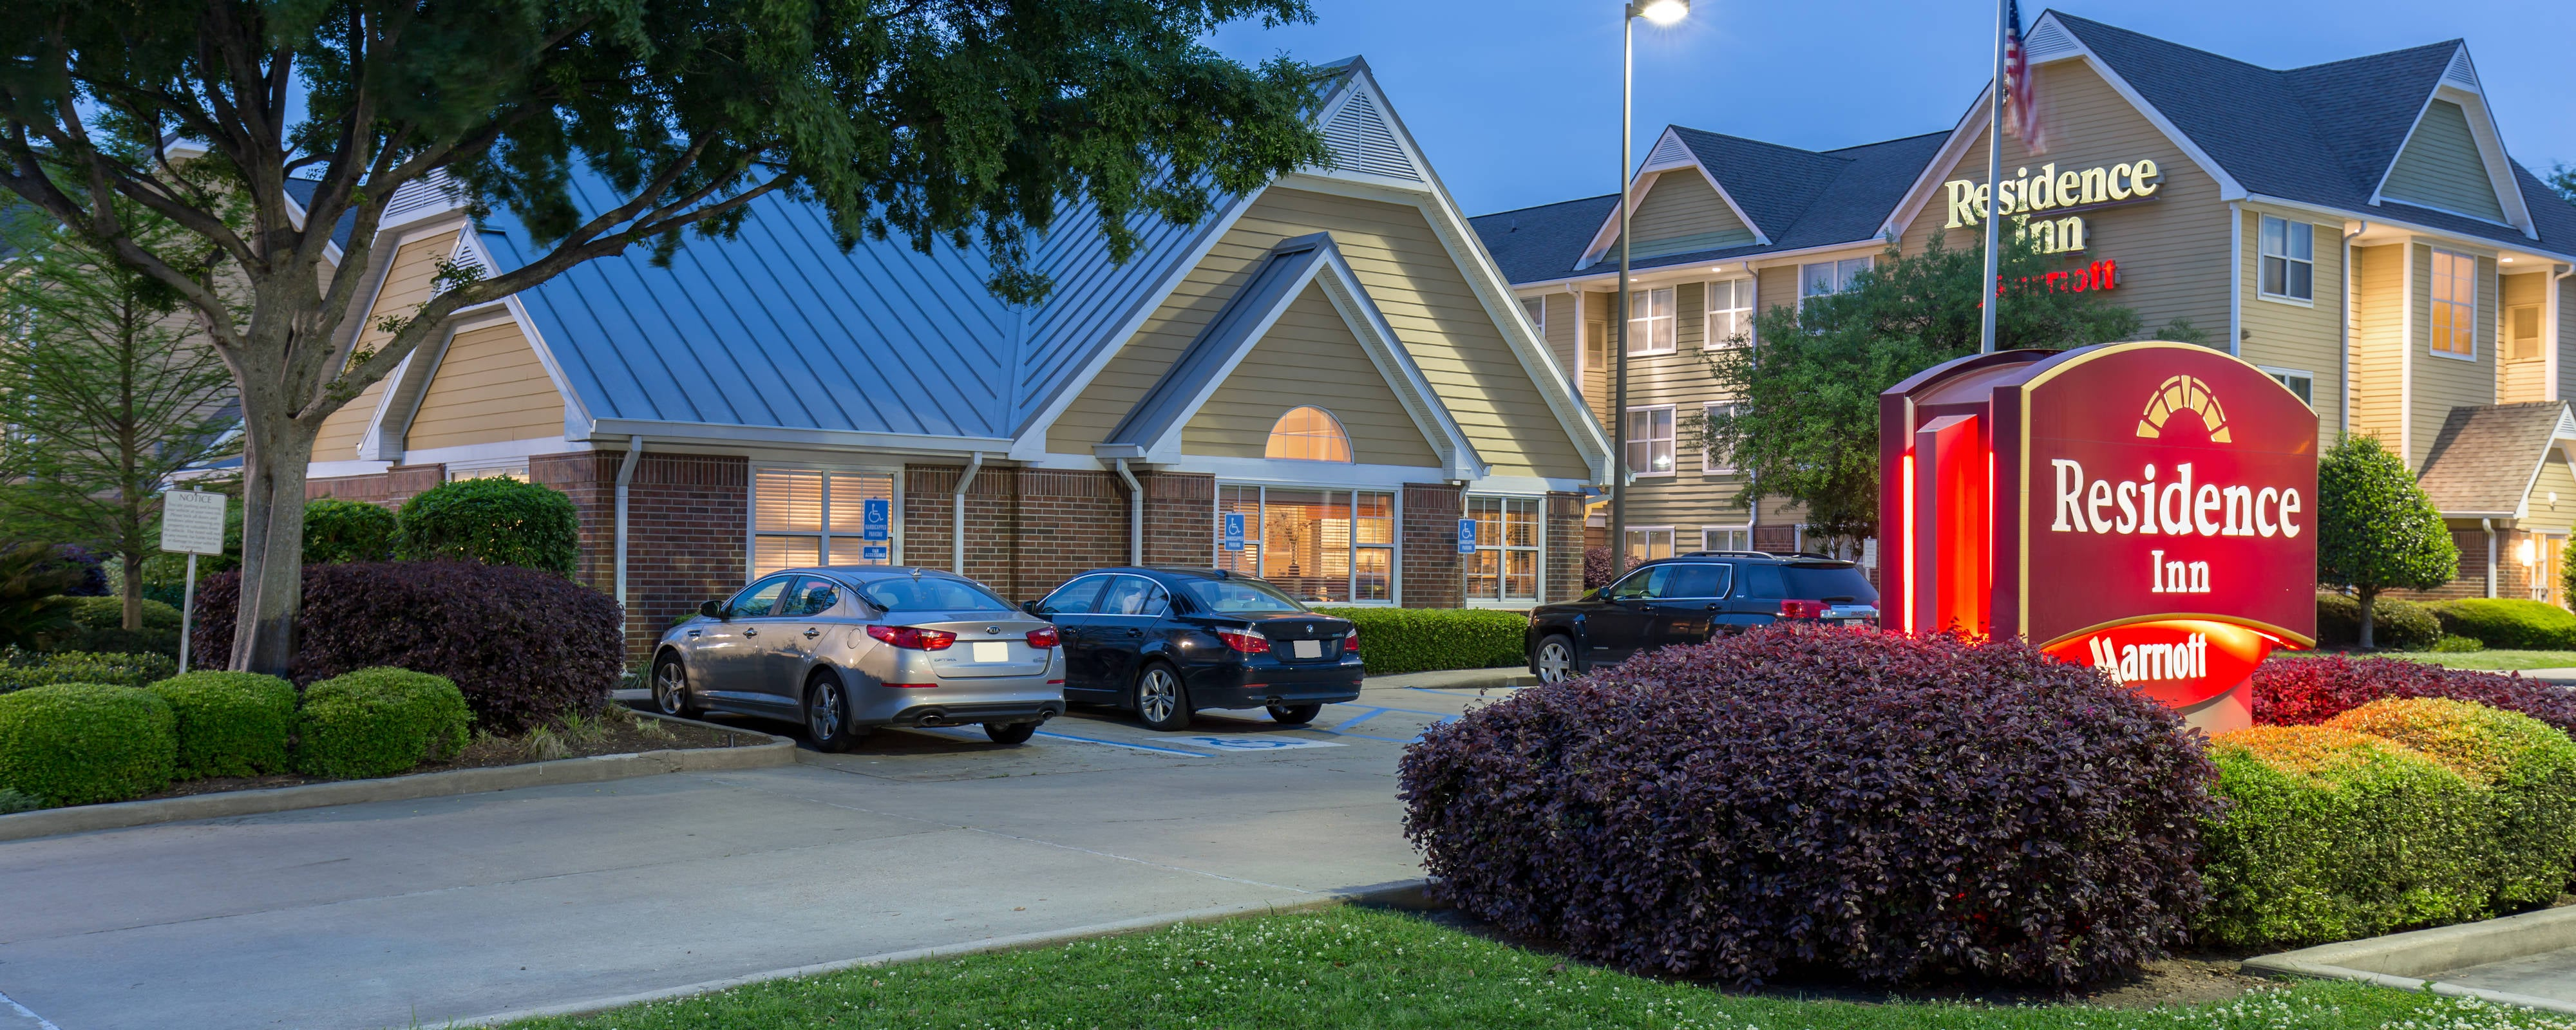 Monroe Louisiana Hotel Exterior Entrance